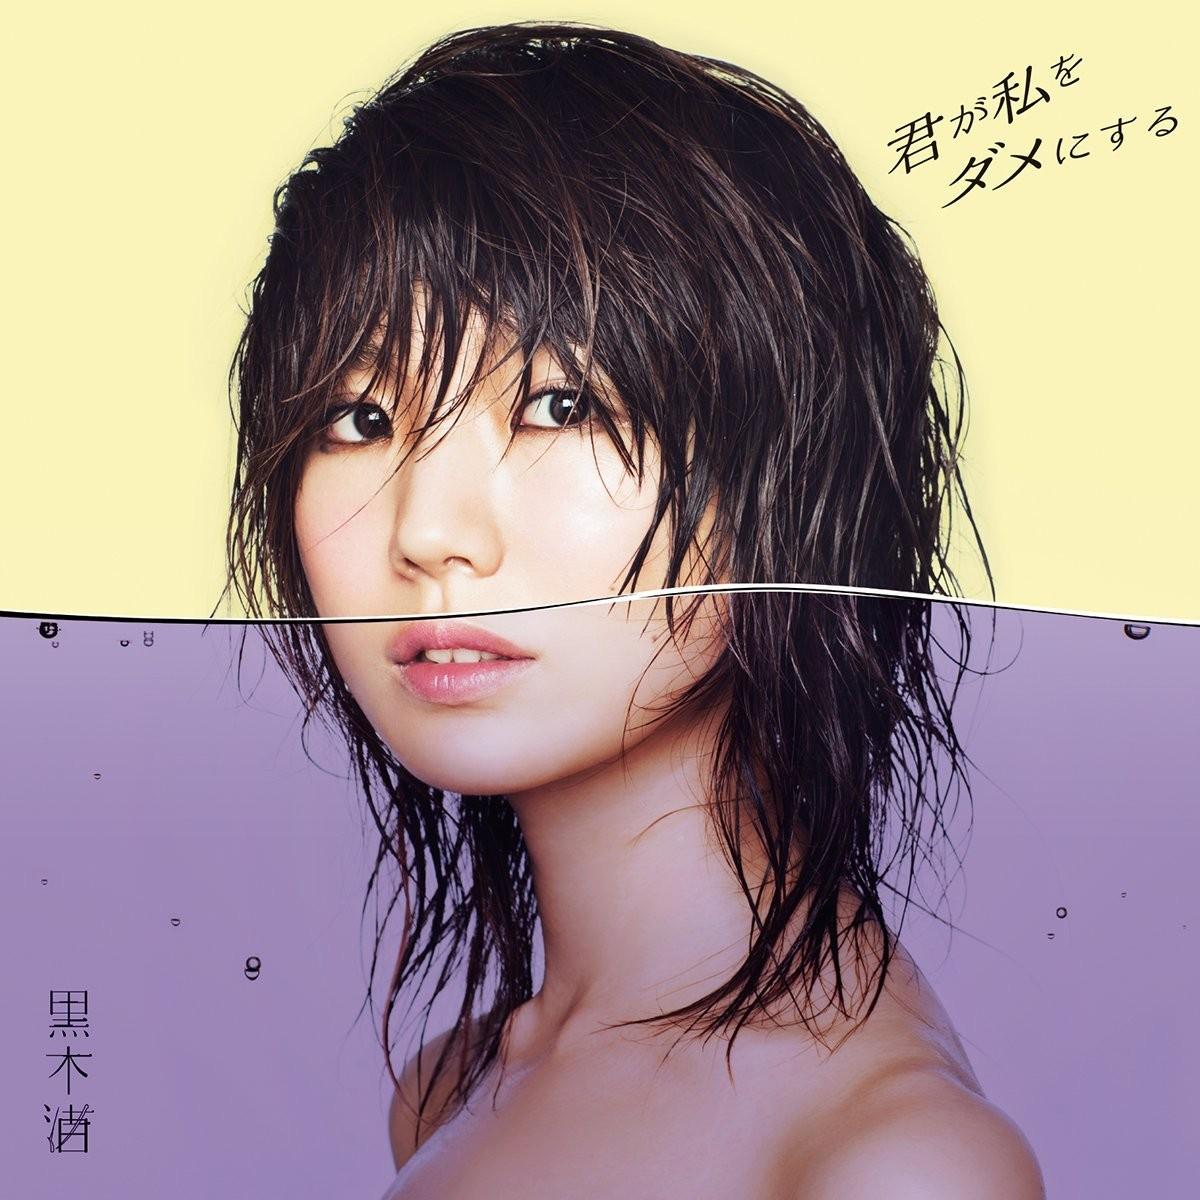 20161117.03.81 Nagisa Kuroki - Kimi ga Watashi wo Dame ni Suru cover.jpg